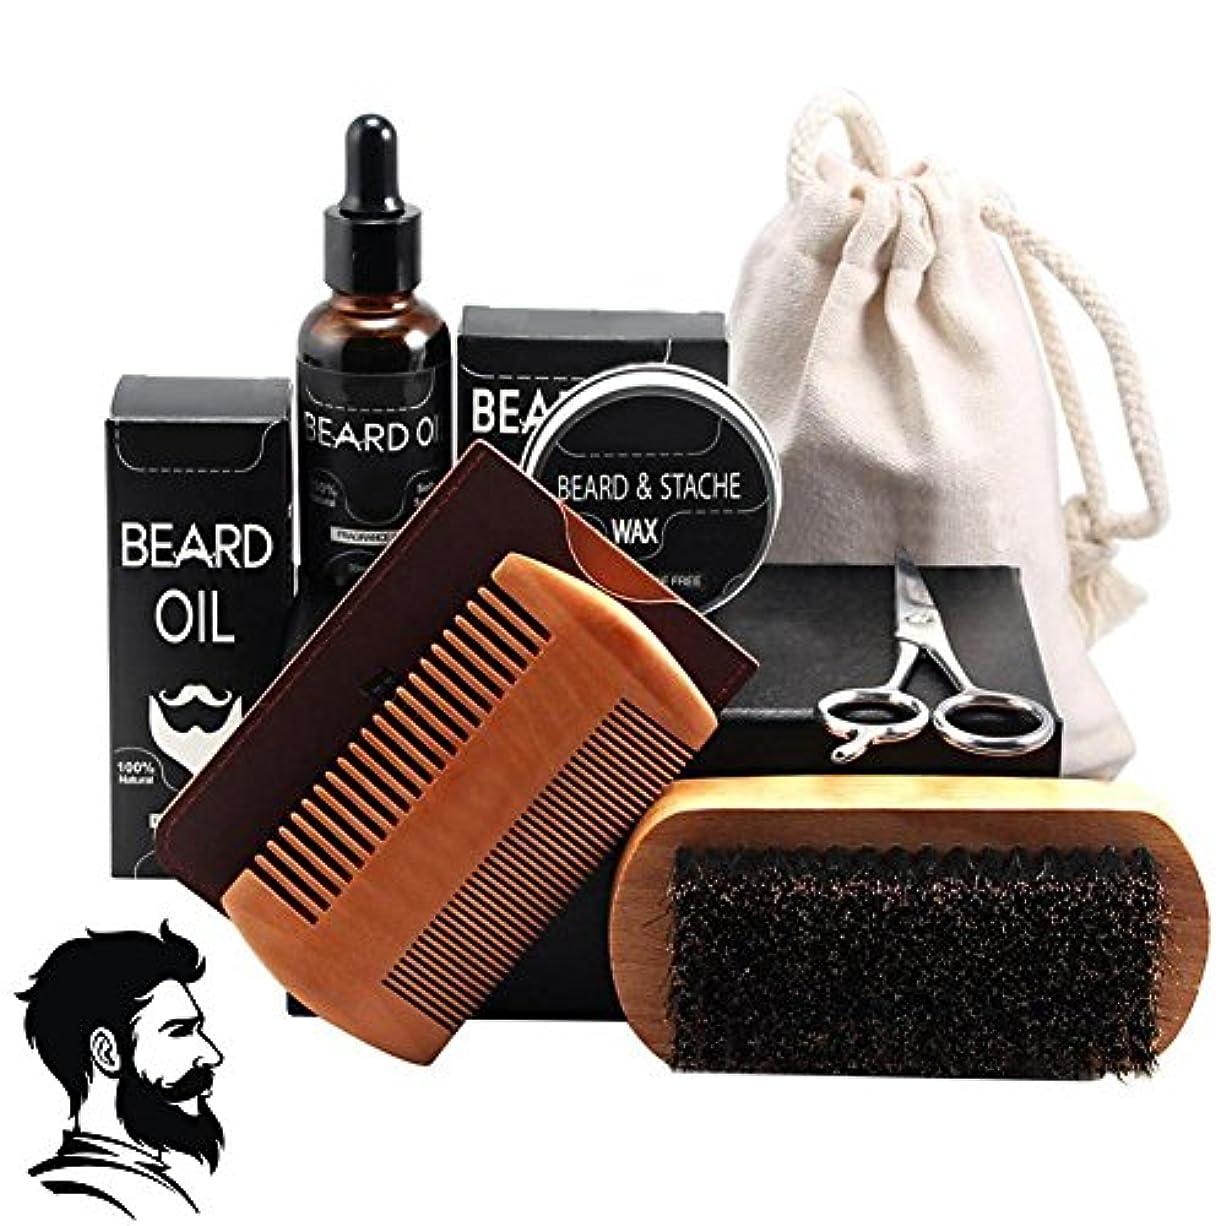 マーキング小道具そうでなければあごひげ油、男性の口ひげフルセットヘアケアツール(ひげワックスくし付き)(7PCSのパック)用シェービングブラシプロフェッショナルフェイシャルトリミングハサミ